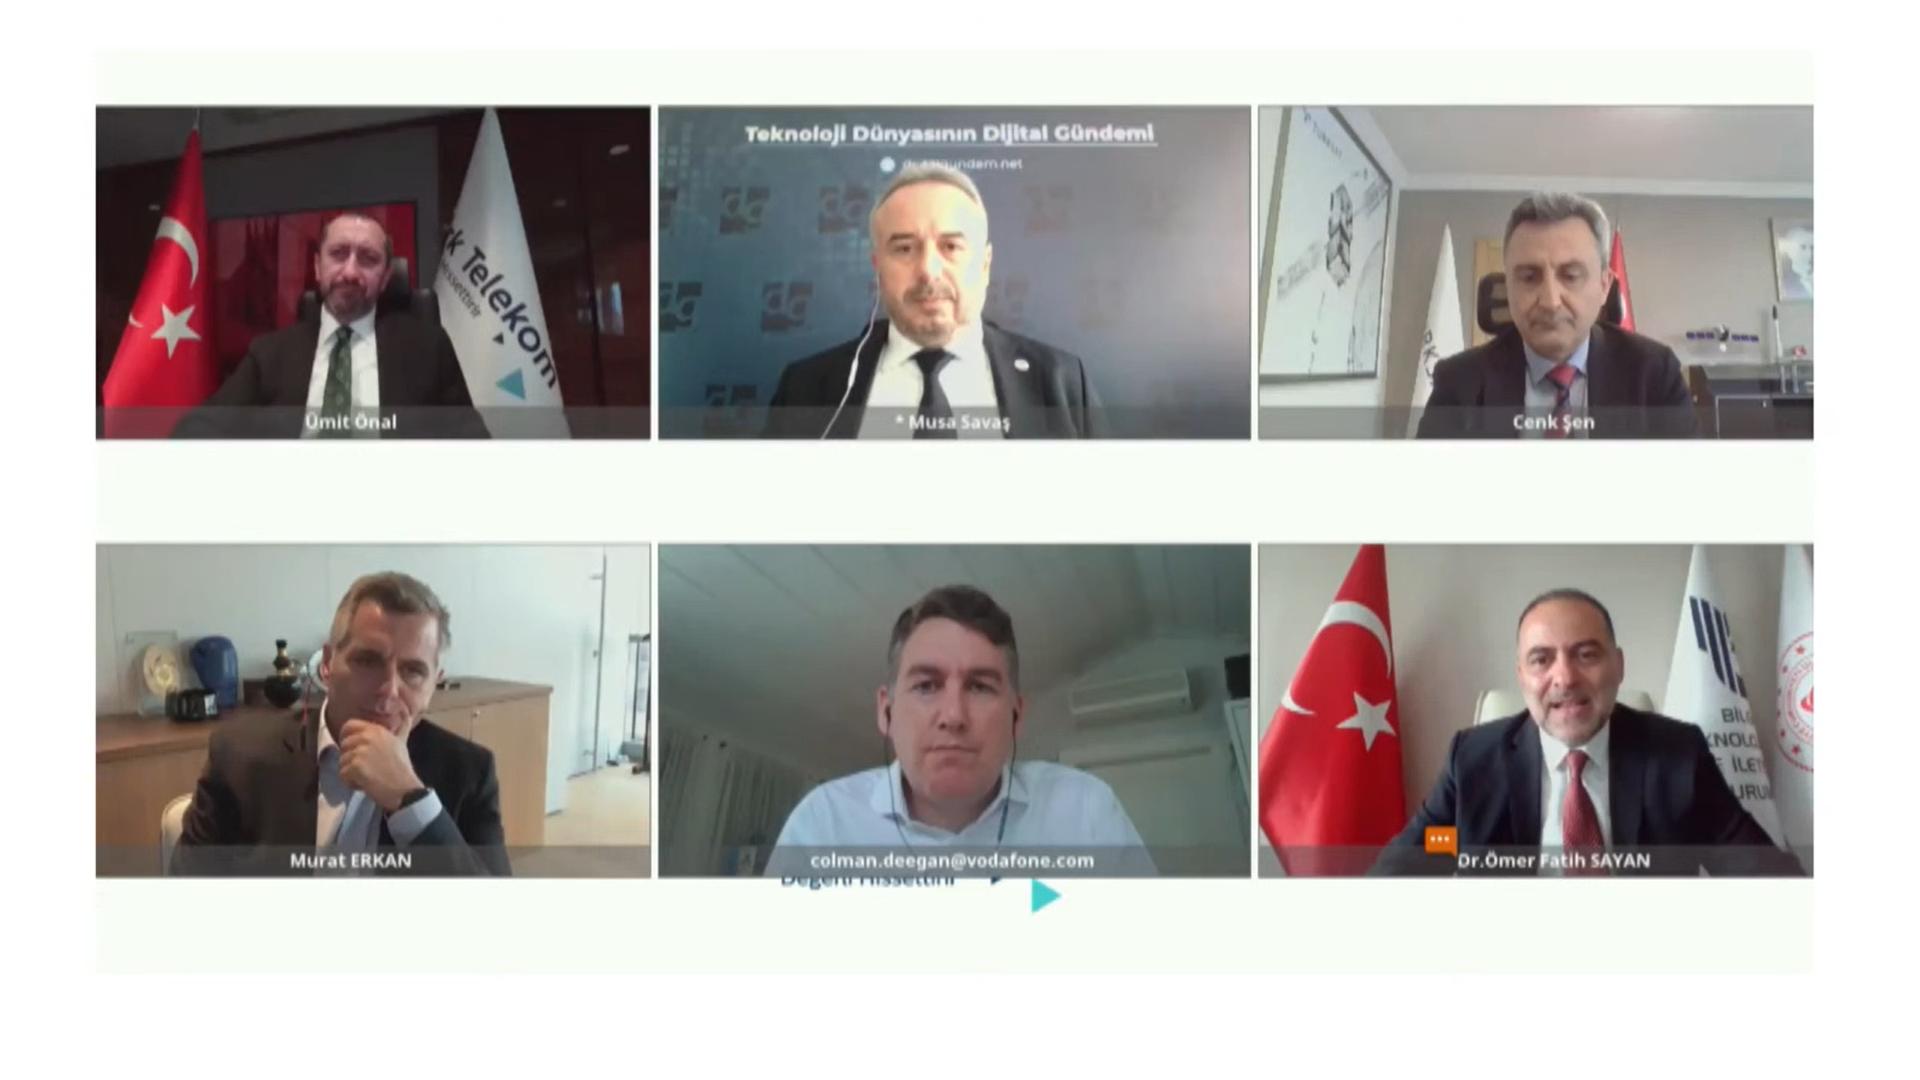 Telekom Operatörlerinin Beklediği Müjdeyi, Bakan Yardımcısı Dr. Ömer Fatih Sayan Verdi: Elektronik Abonelik Yolda